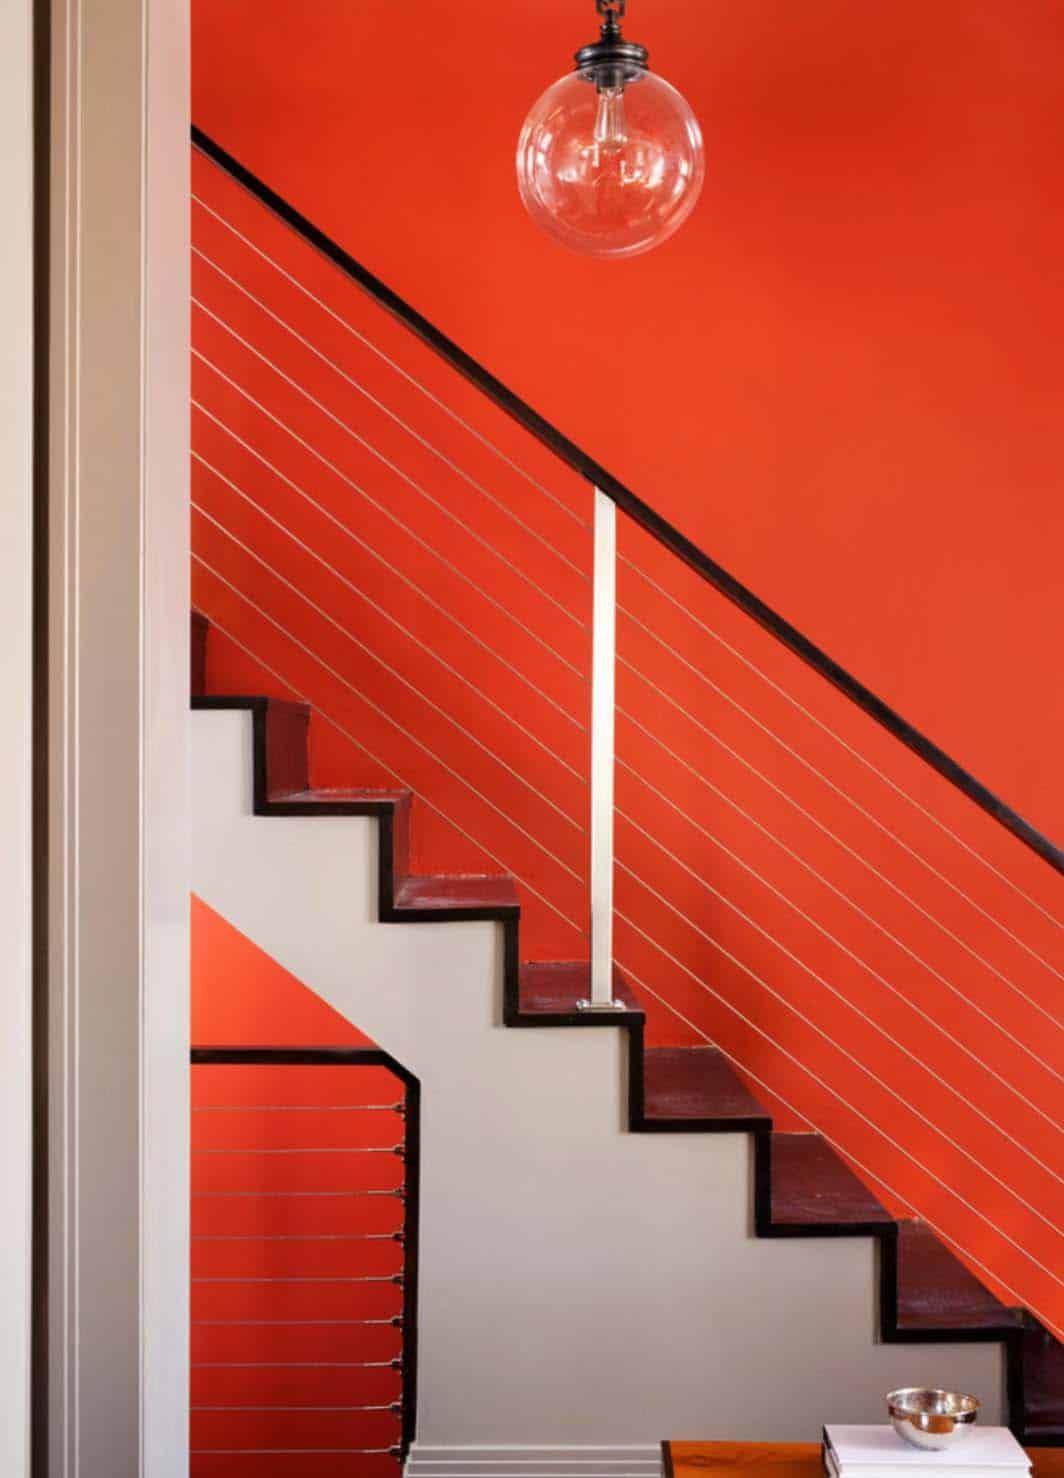 Rénovation de maison de style transitionnel-Lawlor Architects-03-1 Kindesign